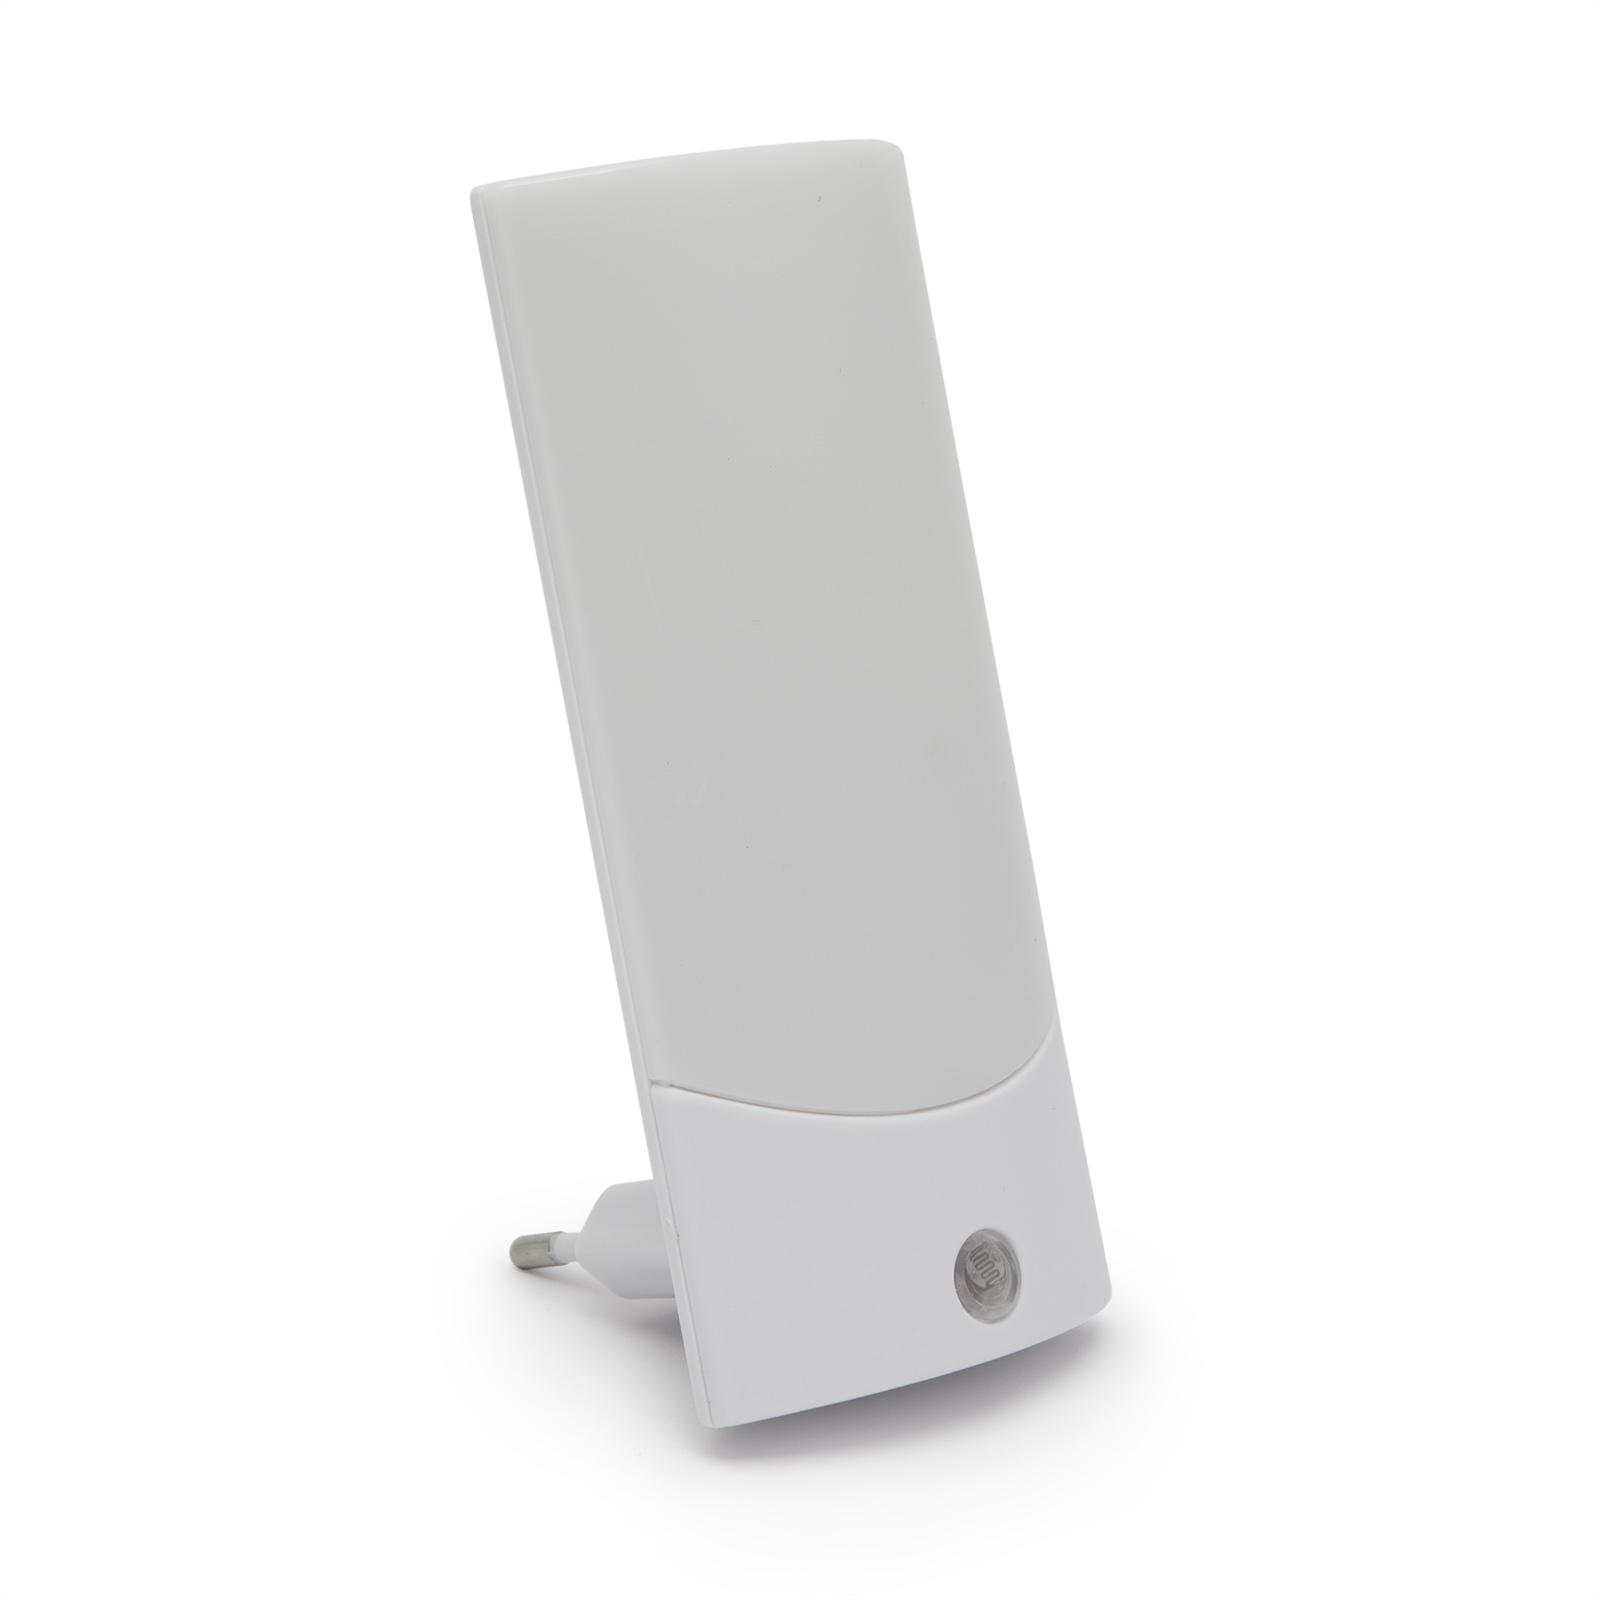 Noční světlo se senzorem setmění Phenom 20253S (Kvalitní designové noční světlo se senzorem setmění pro automatické sepnutí, barva bílá, velmi nízká spotřeba)